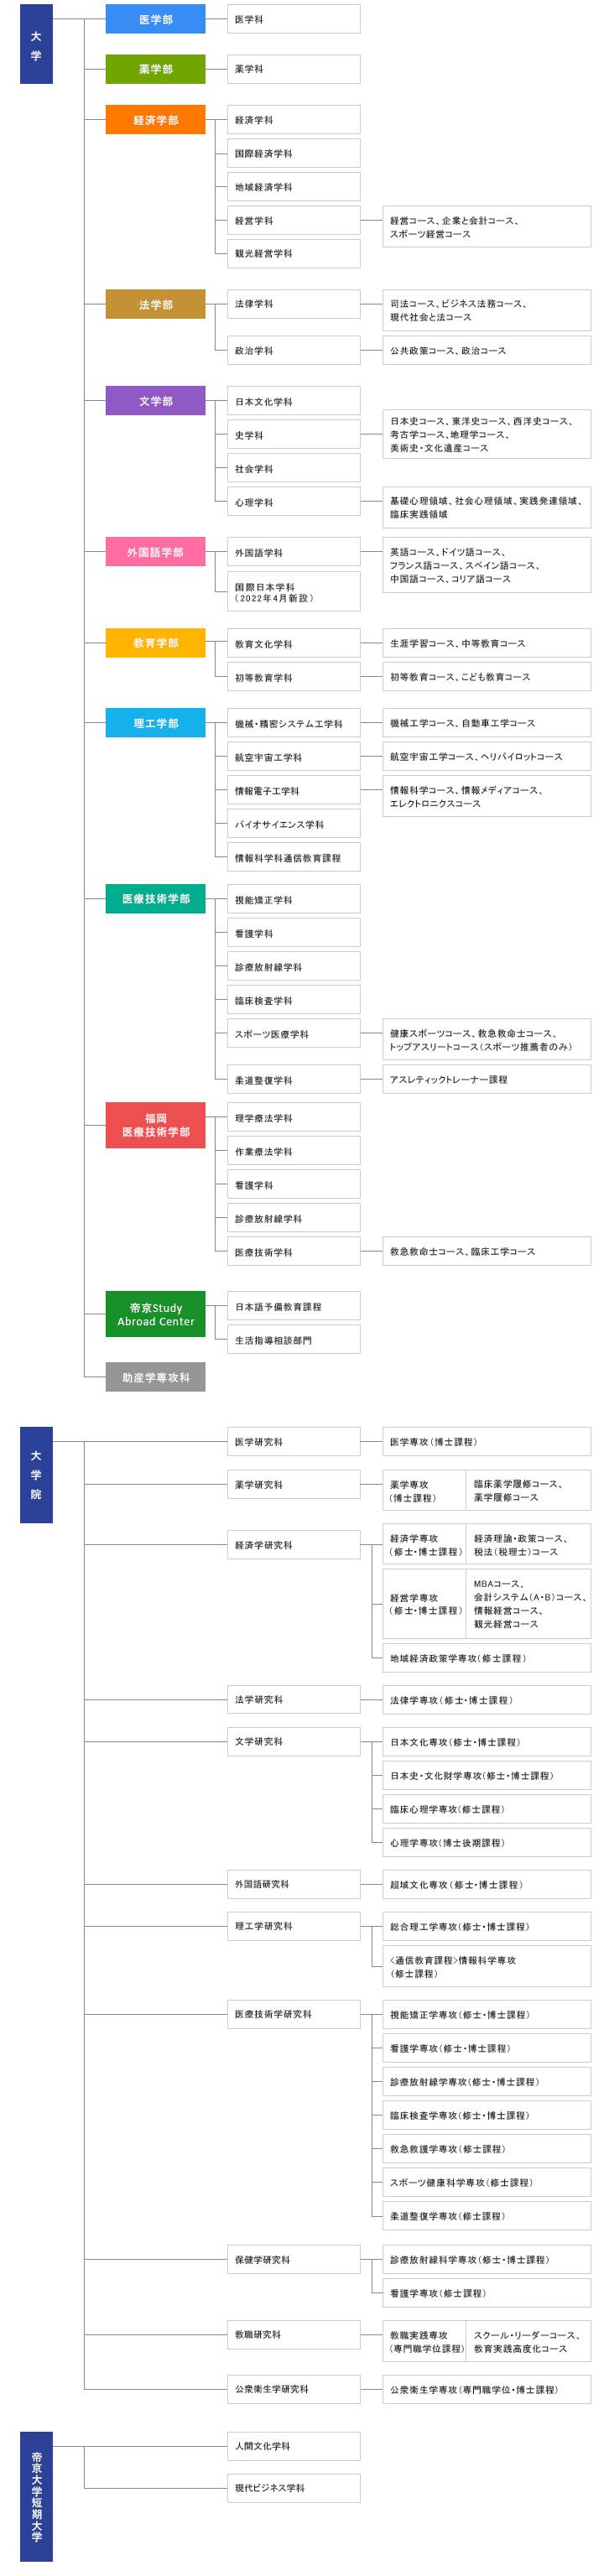 帝京大学組織図